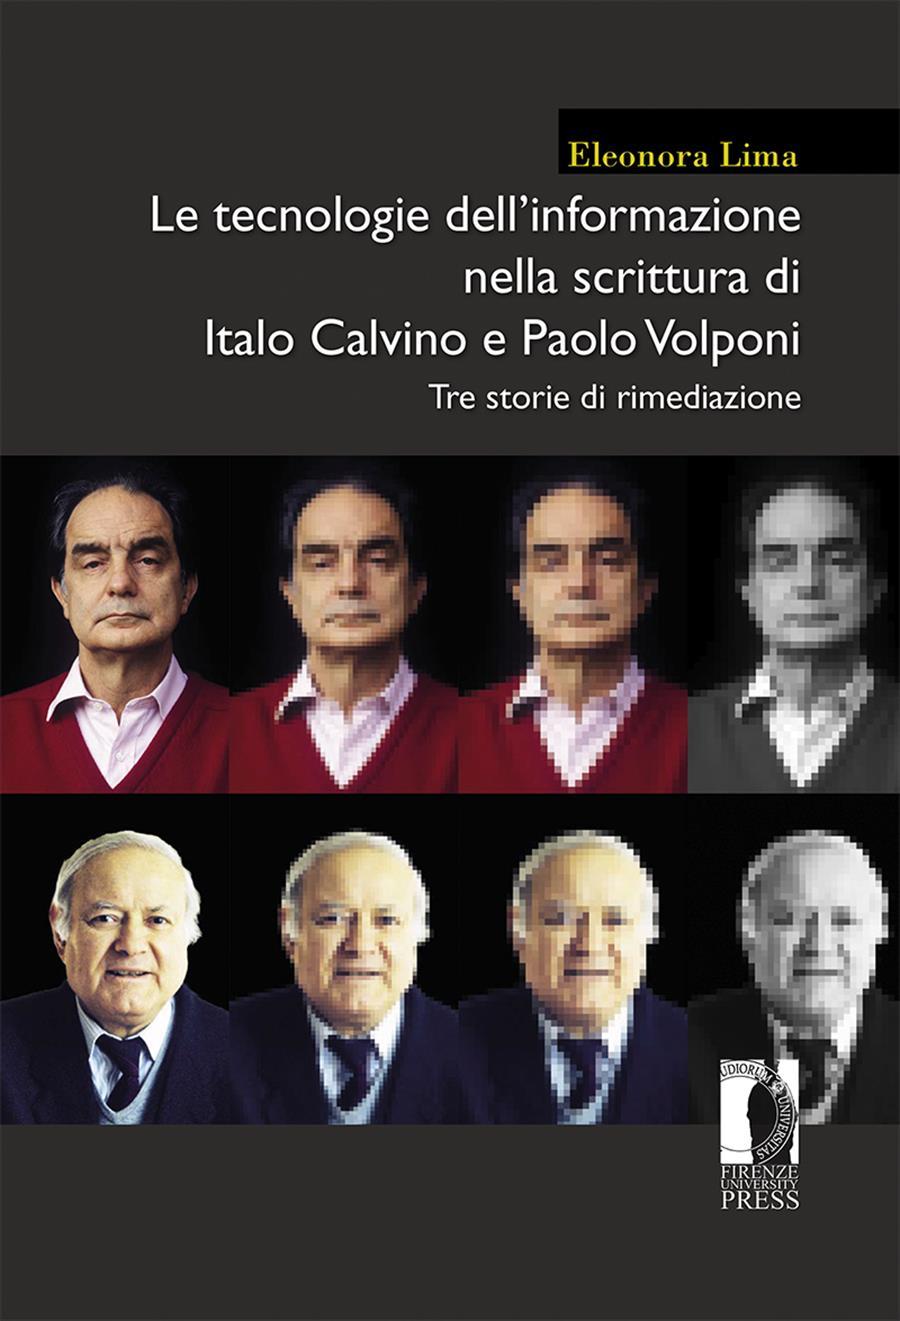 Le tecnologie dell'informazione nella scrittura di Italo Calvino e Paolo Volponi